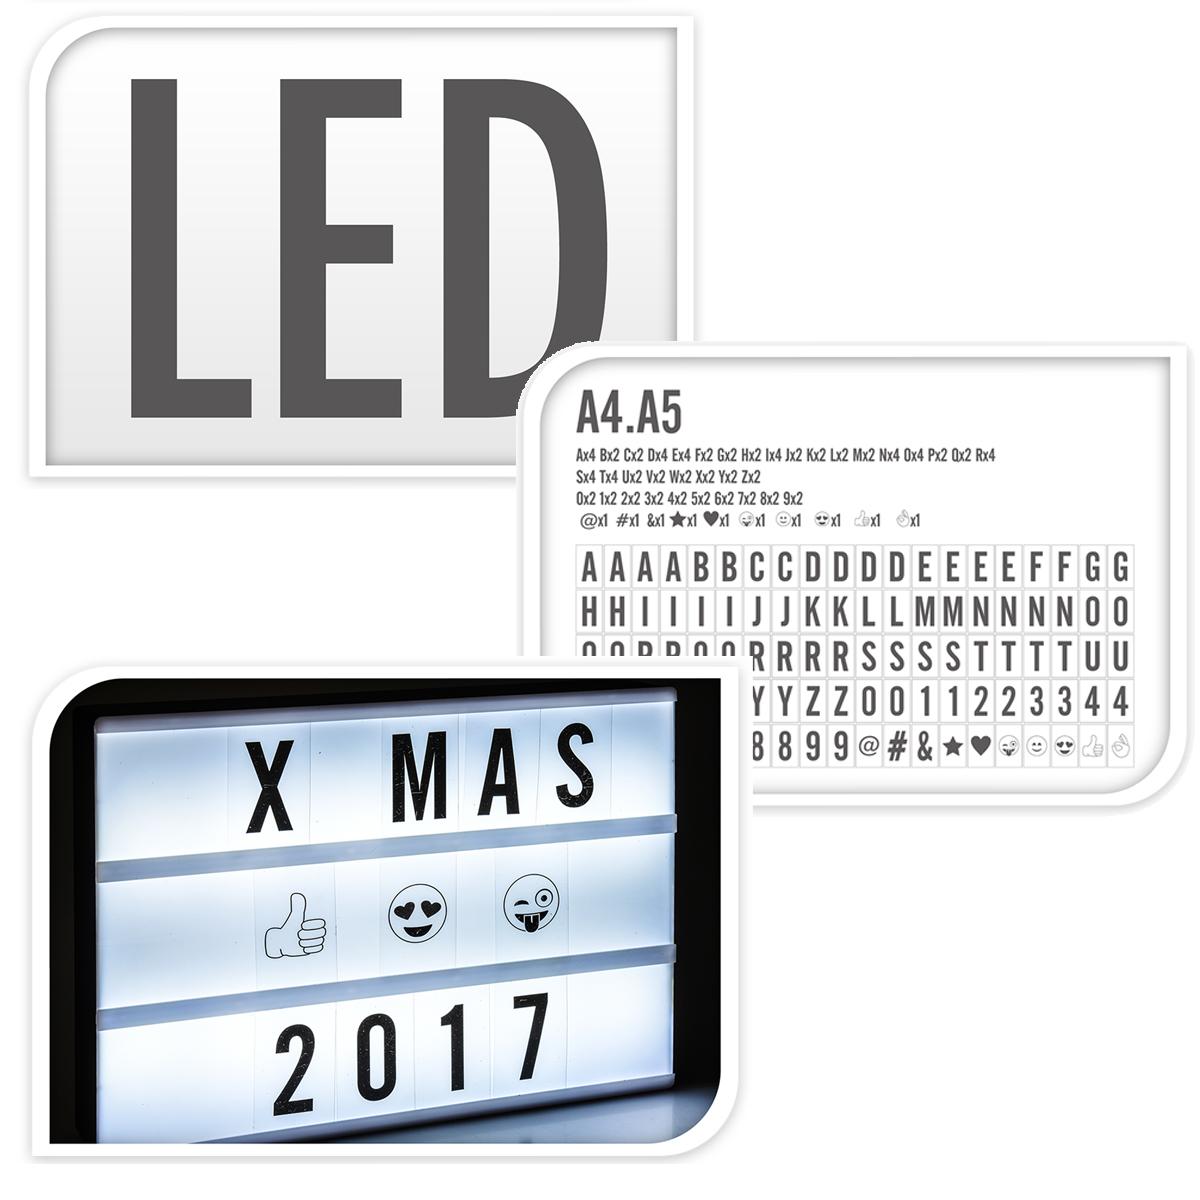 licht light box 12 led lichtbox buchstaben leuchttafel leuchtkasten schild deko beleuchtung. Black Bedroom Furniture Sets. Home Design Ideas